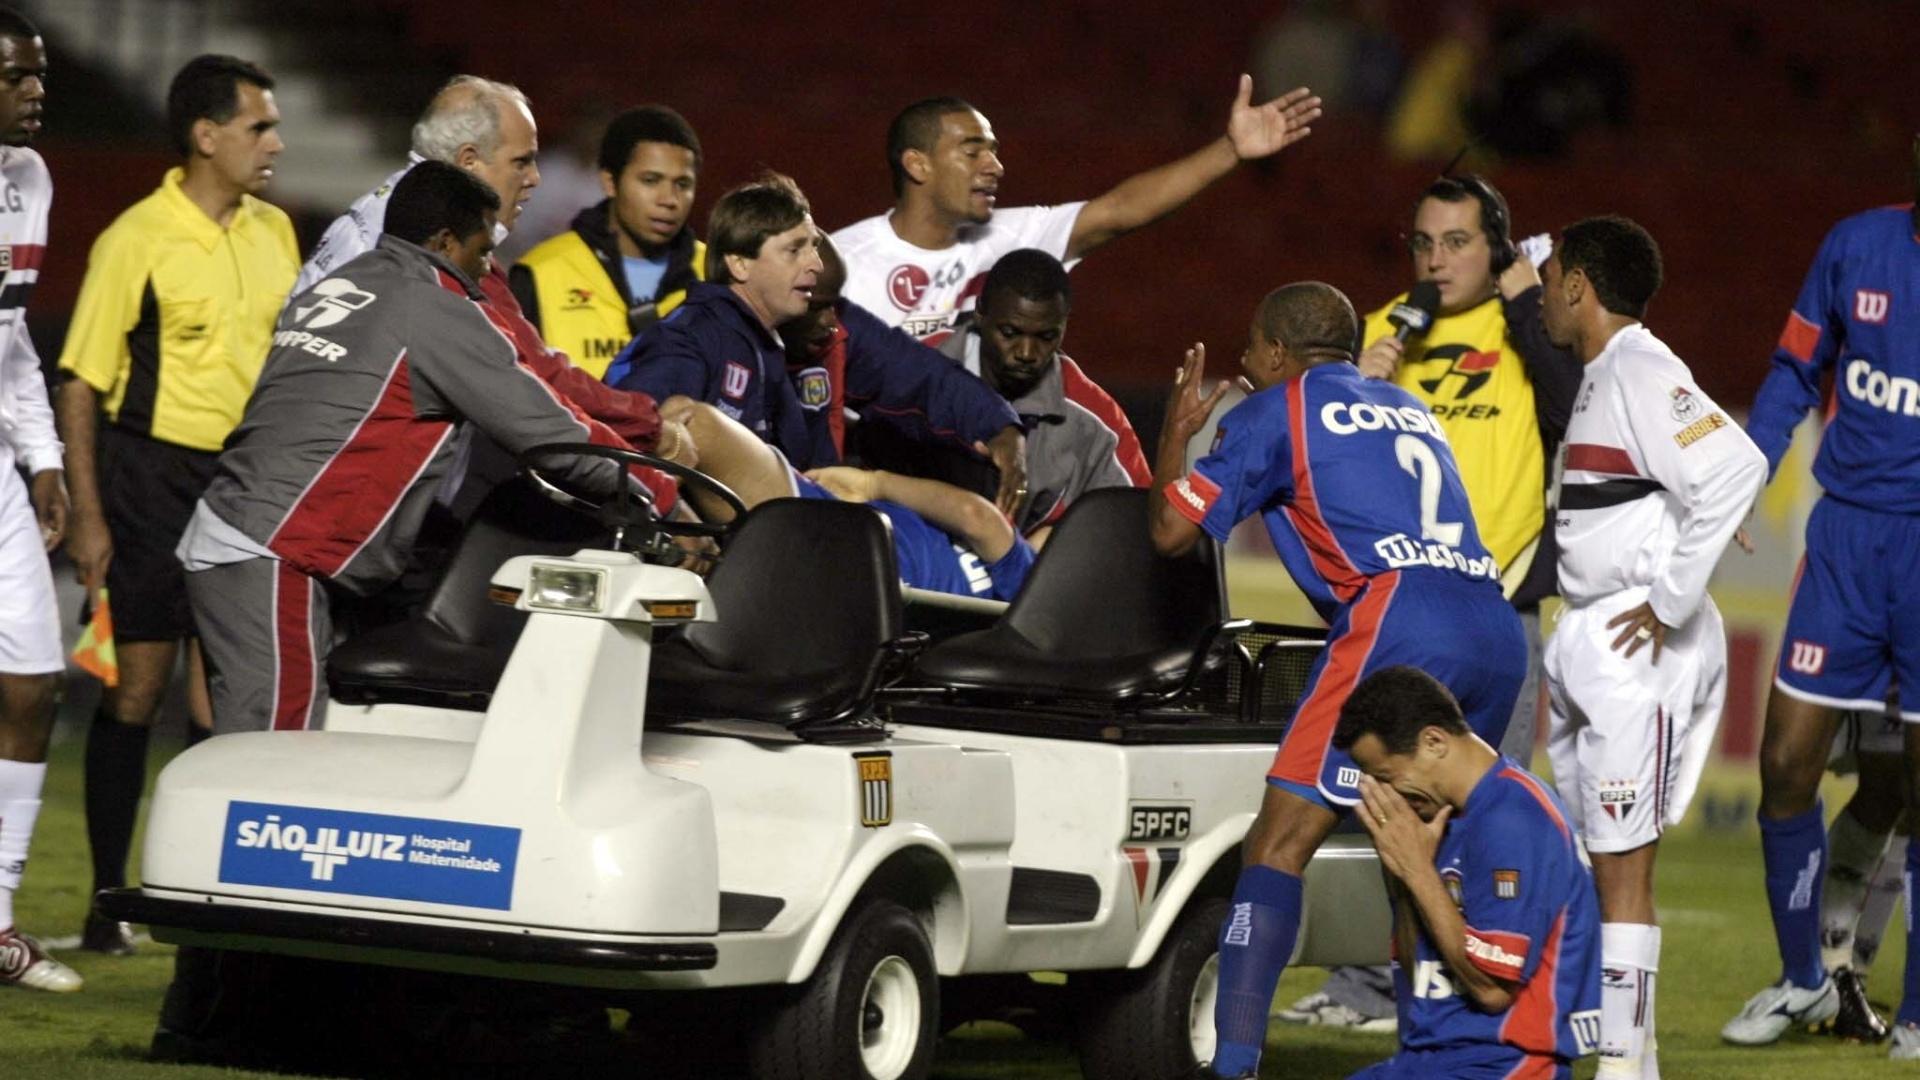 Jogadores de São Caetano e São Paulo se desesperam enquanto o corpo de Serginho é retirado de maca; zagueiro morreu em campo após sofrer um mal súbito (27/10/2004)